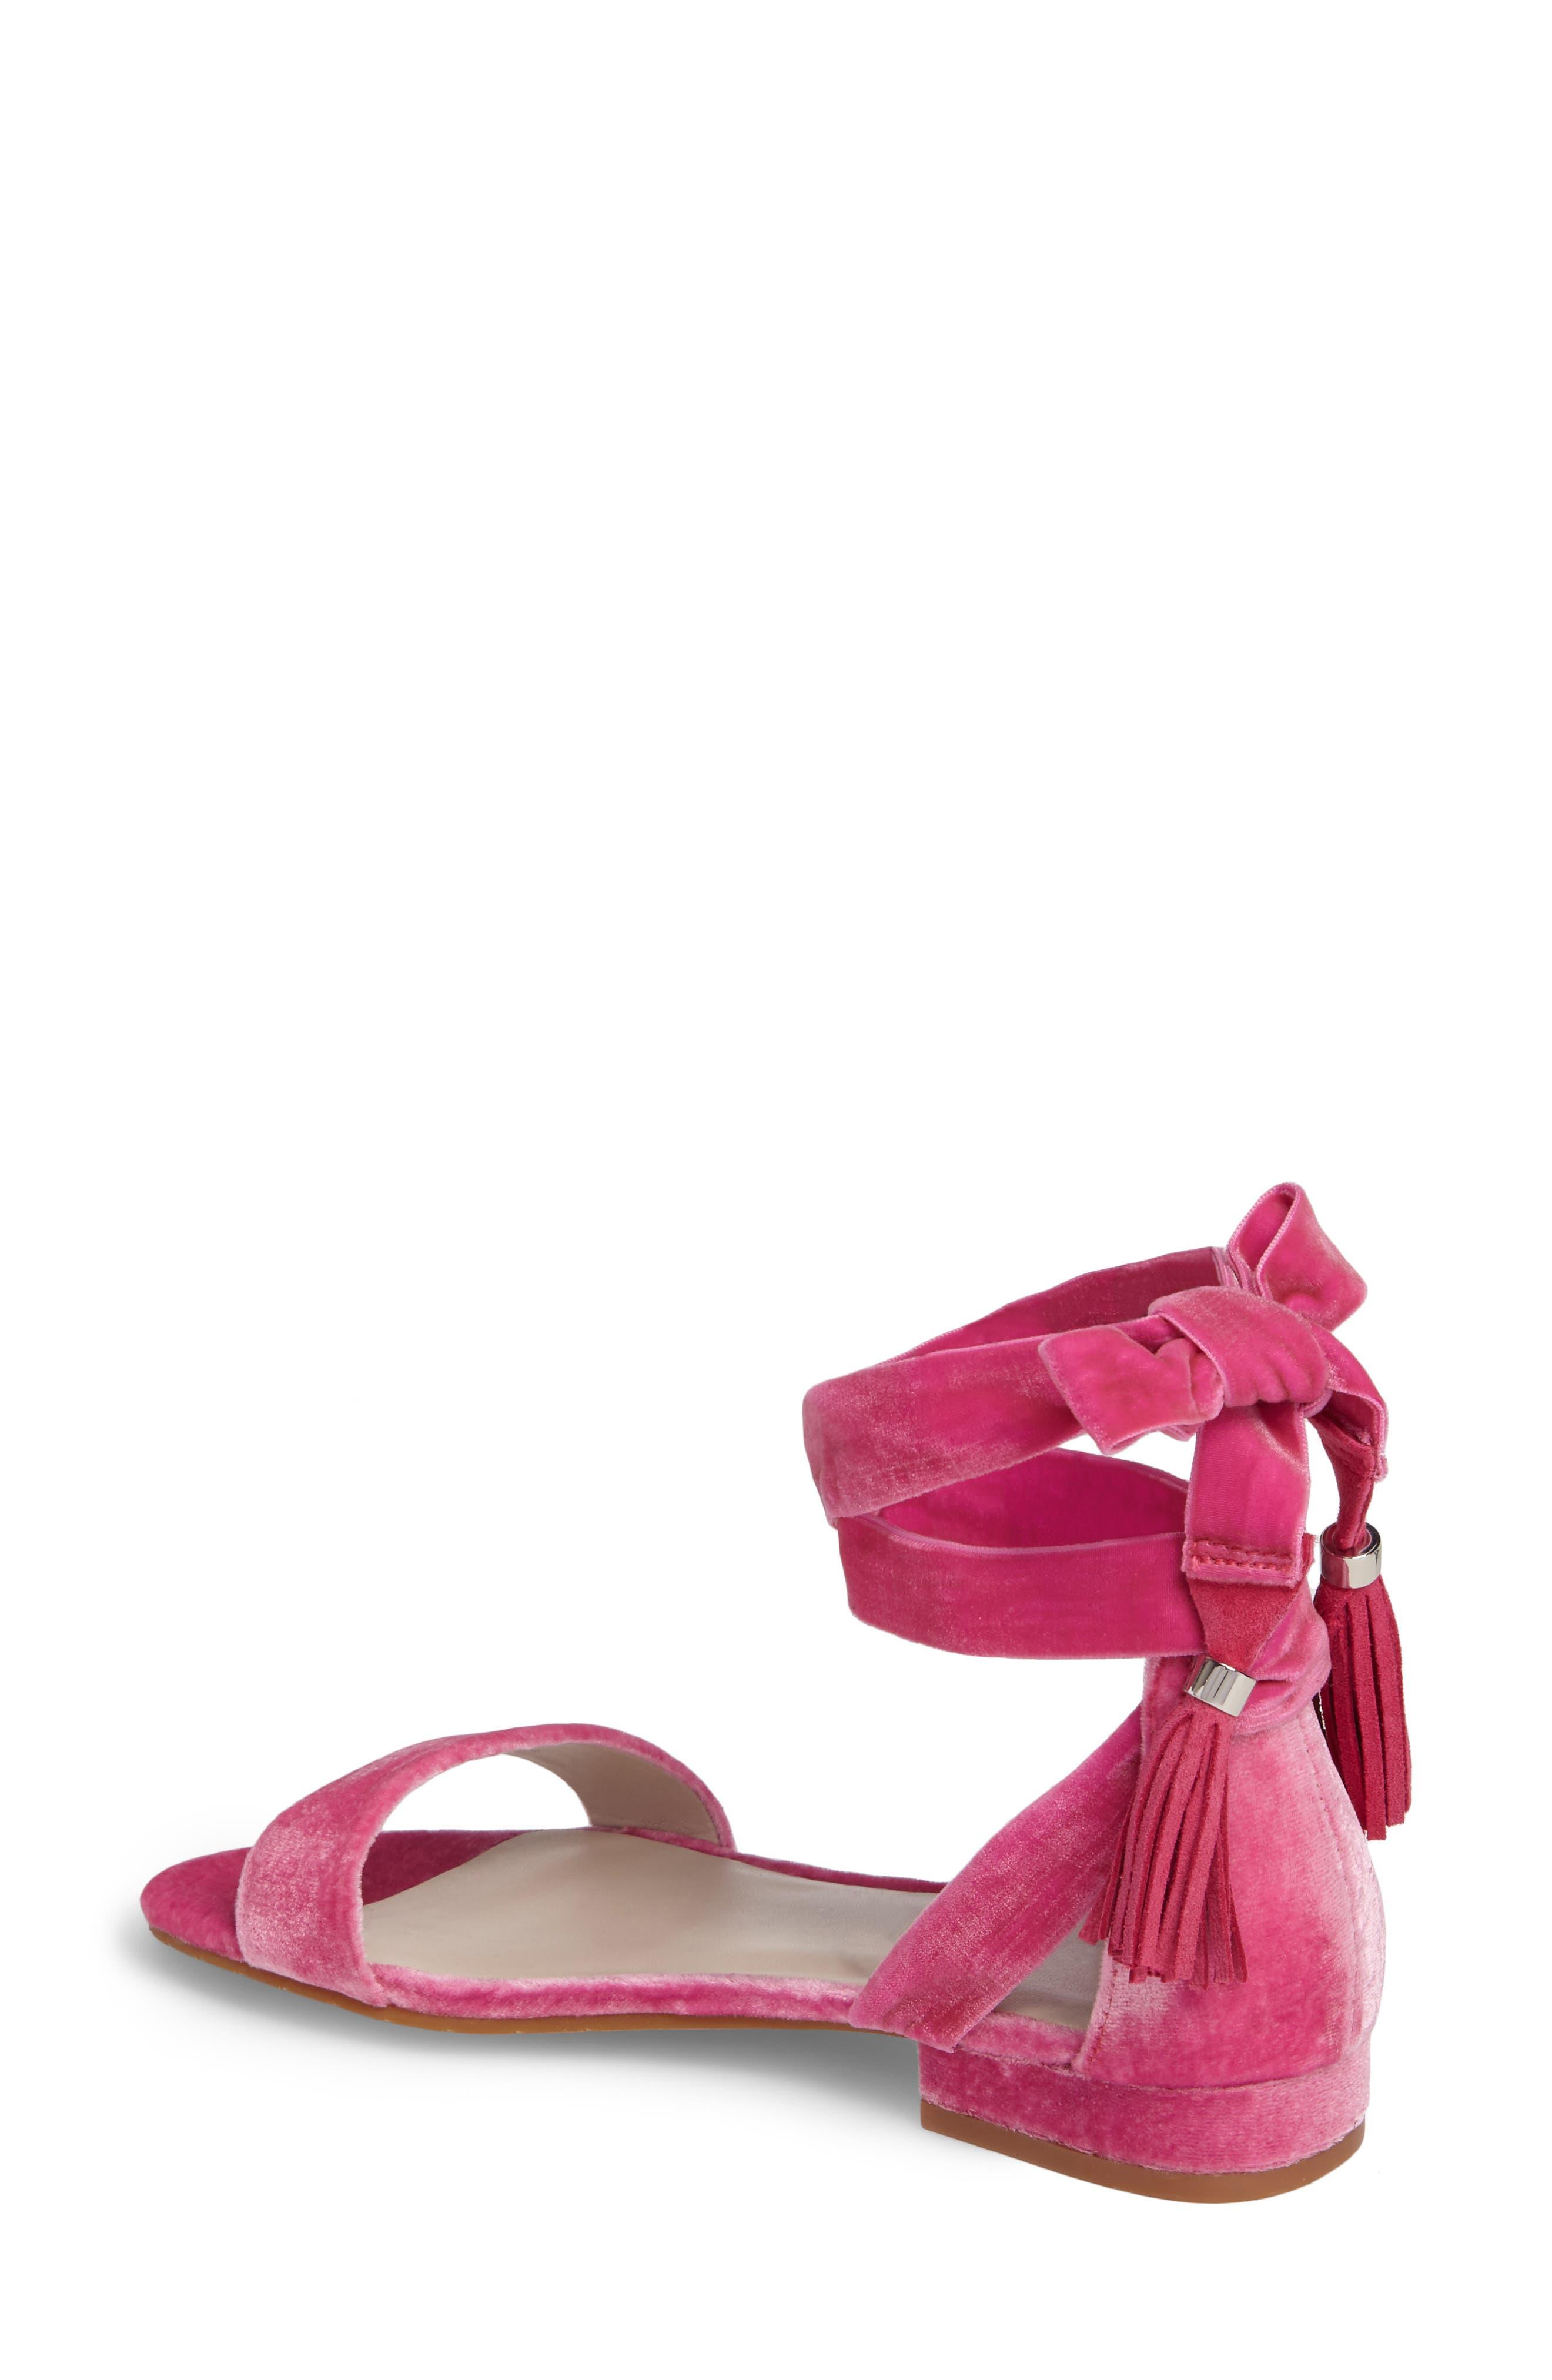 Valen Tassel Lace-Up Sandal,                             Alternate thumbnail 2, color,                             FUCHSIA VELVET